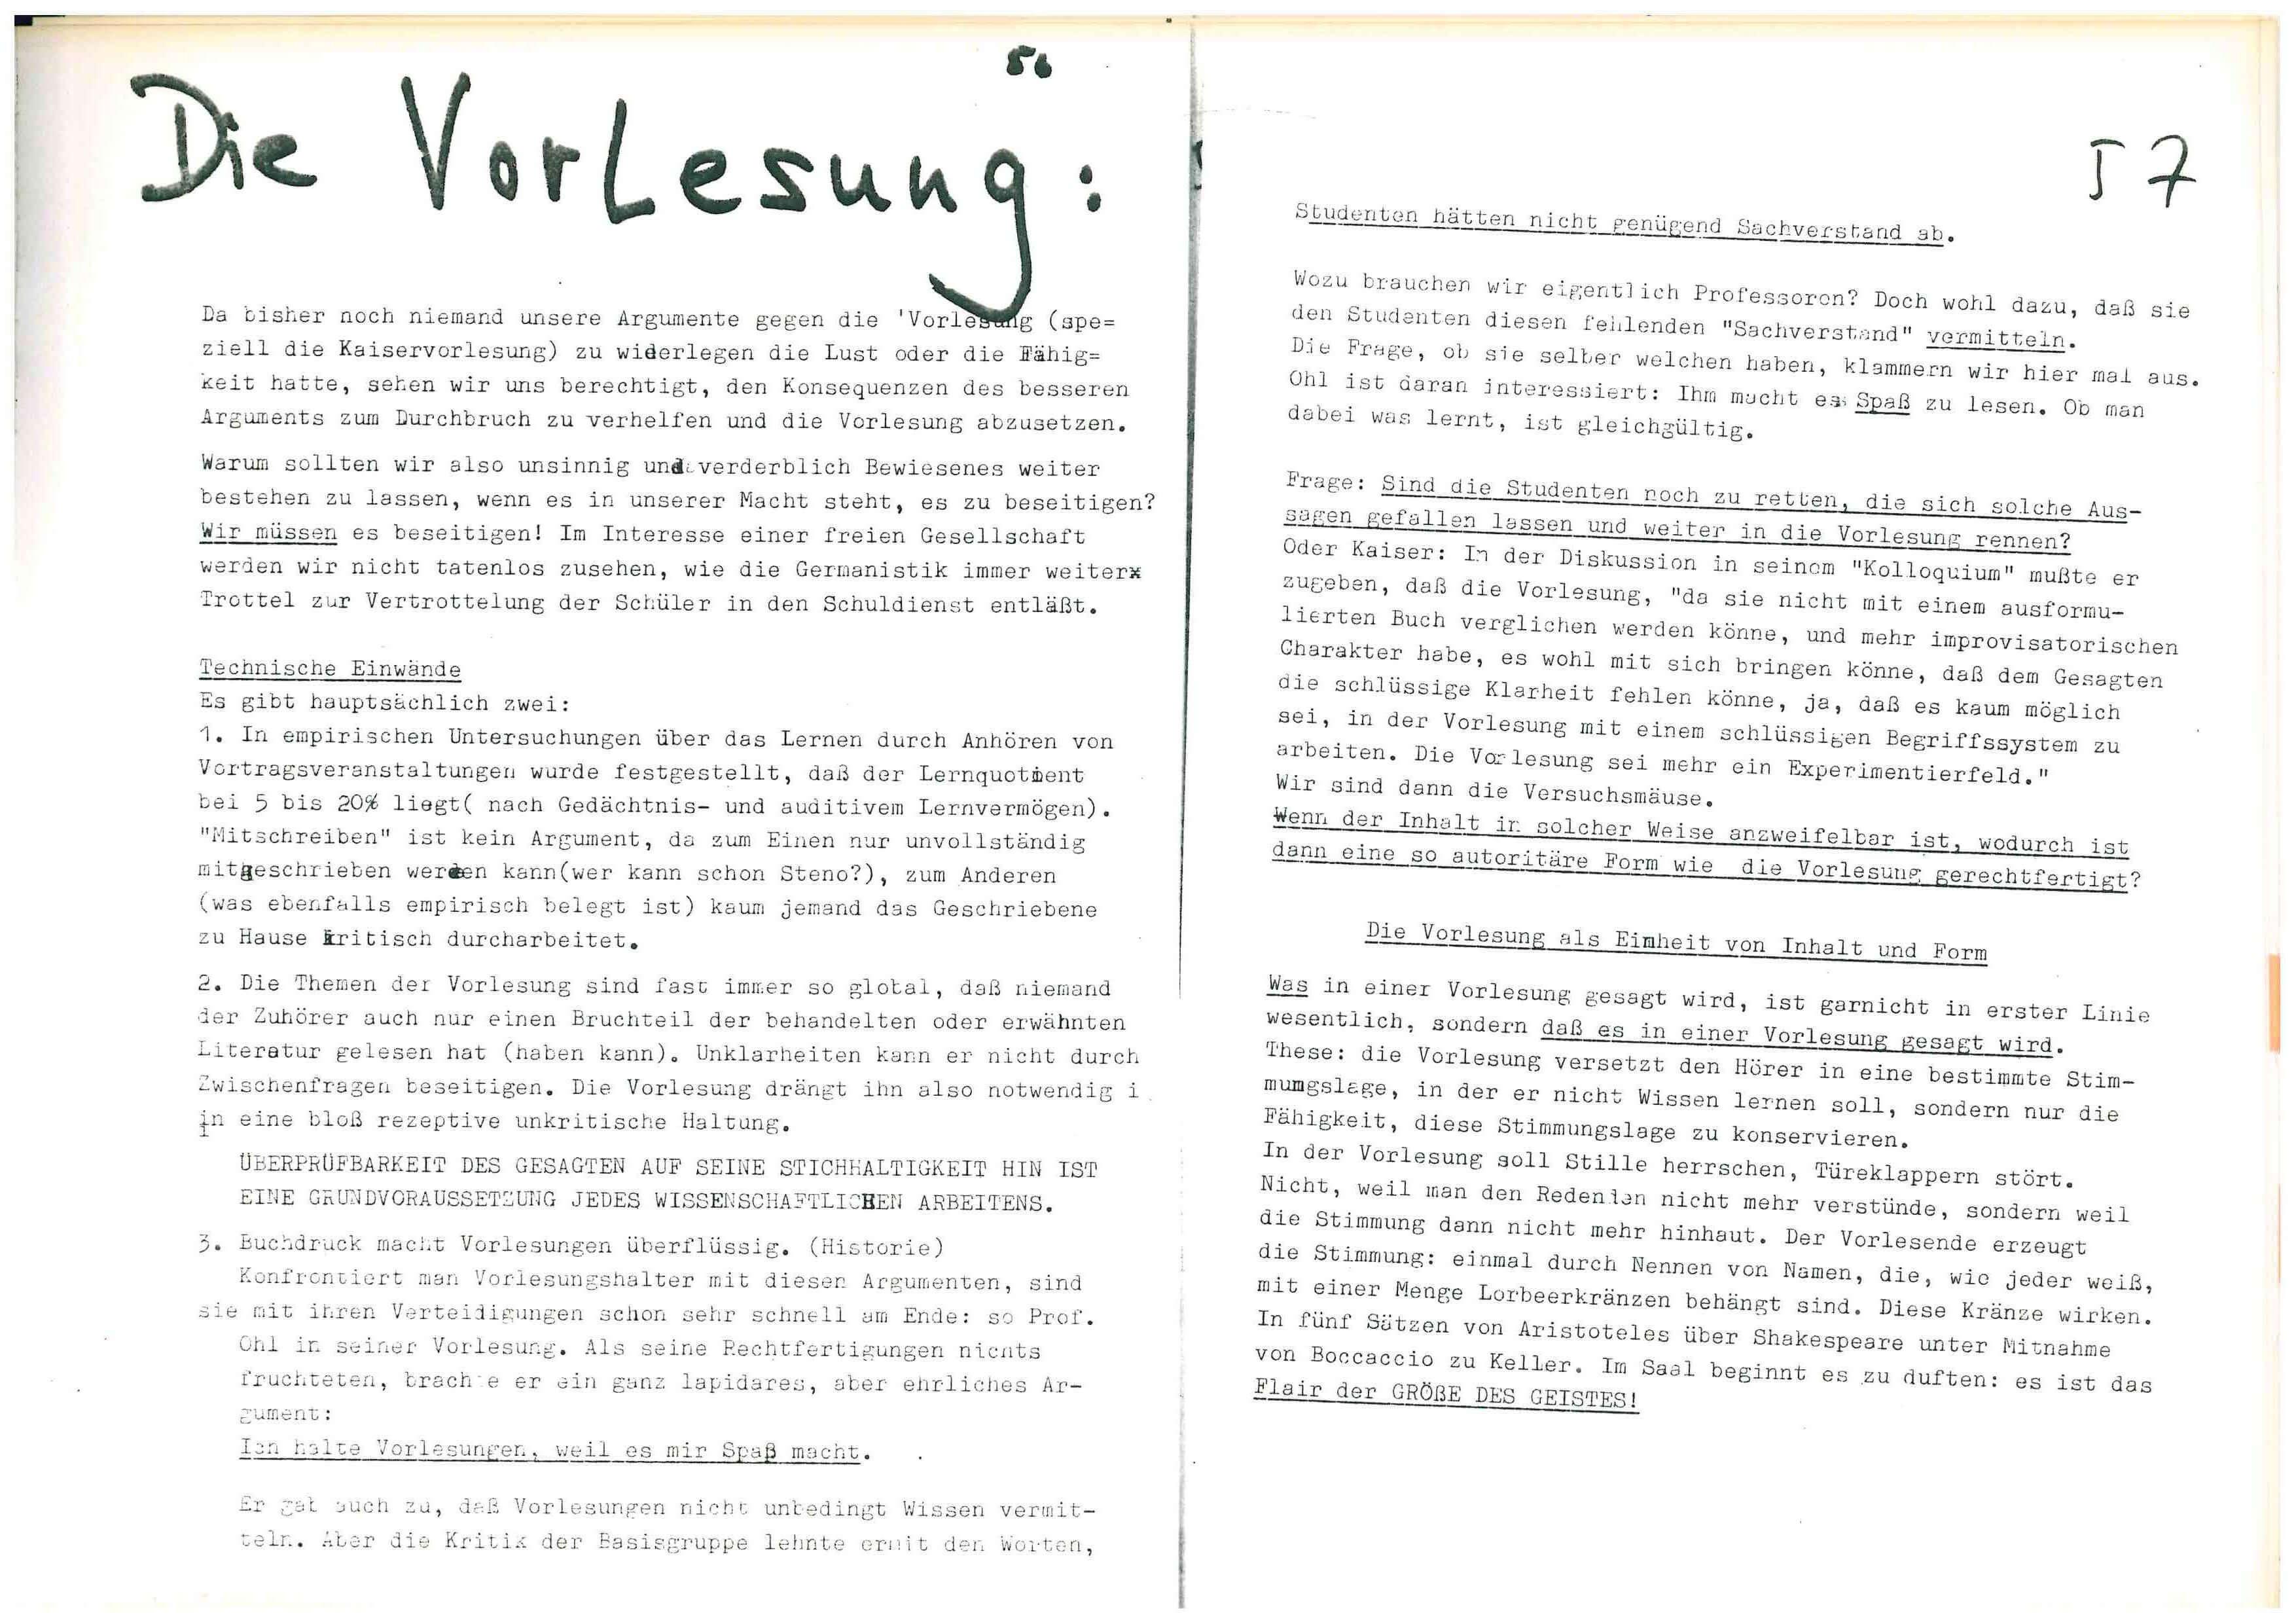 Basisgruppe-Fachschaft-Germanistik (Hrsg.): Institutspolitik Sommer 1969. dokumente, polemik, information, literarische politische analysen, demagie, manipulation, berichte, tatsachen, aufklärung, entschleierungen, lügen, Verallgemeinerungen: Unipolitik, o. O. 1969, S.56f.